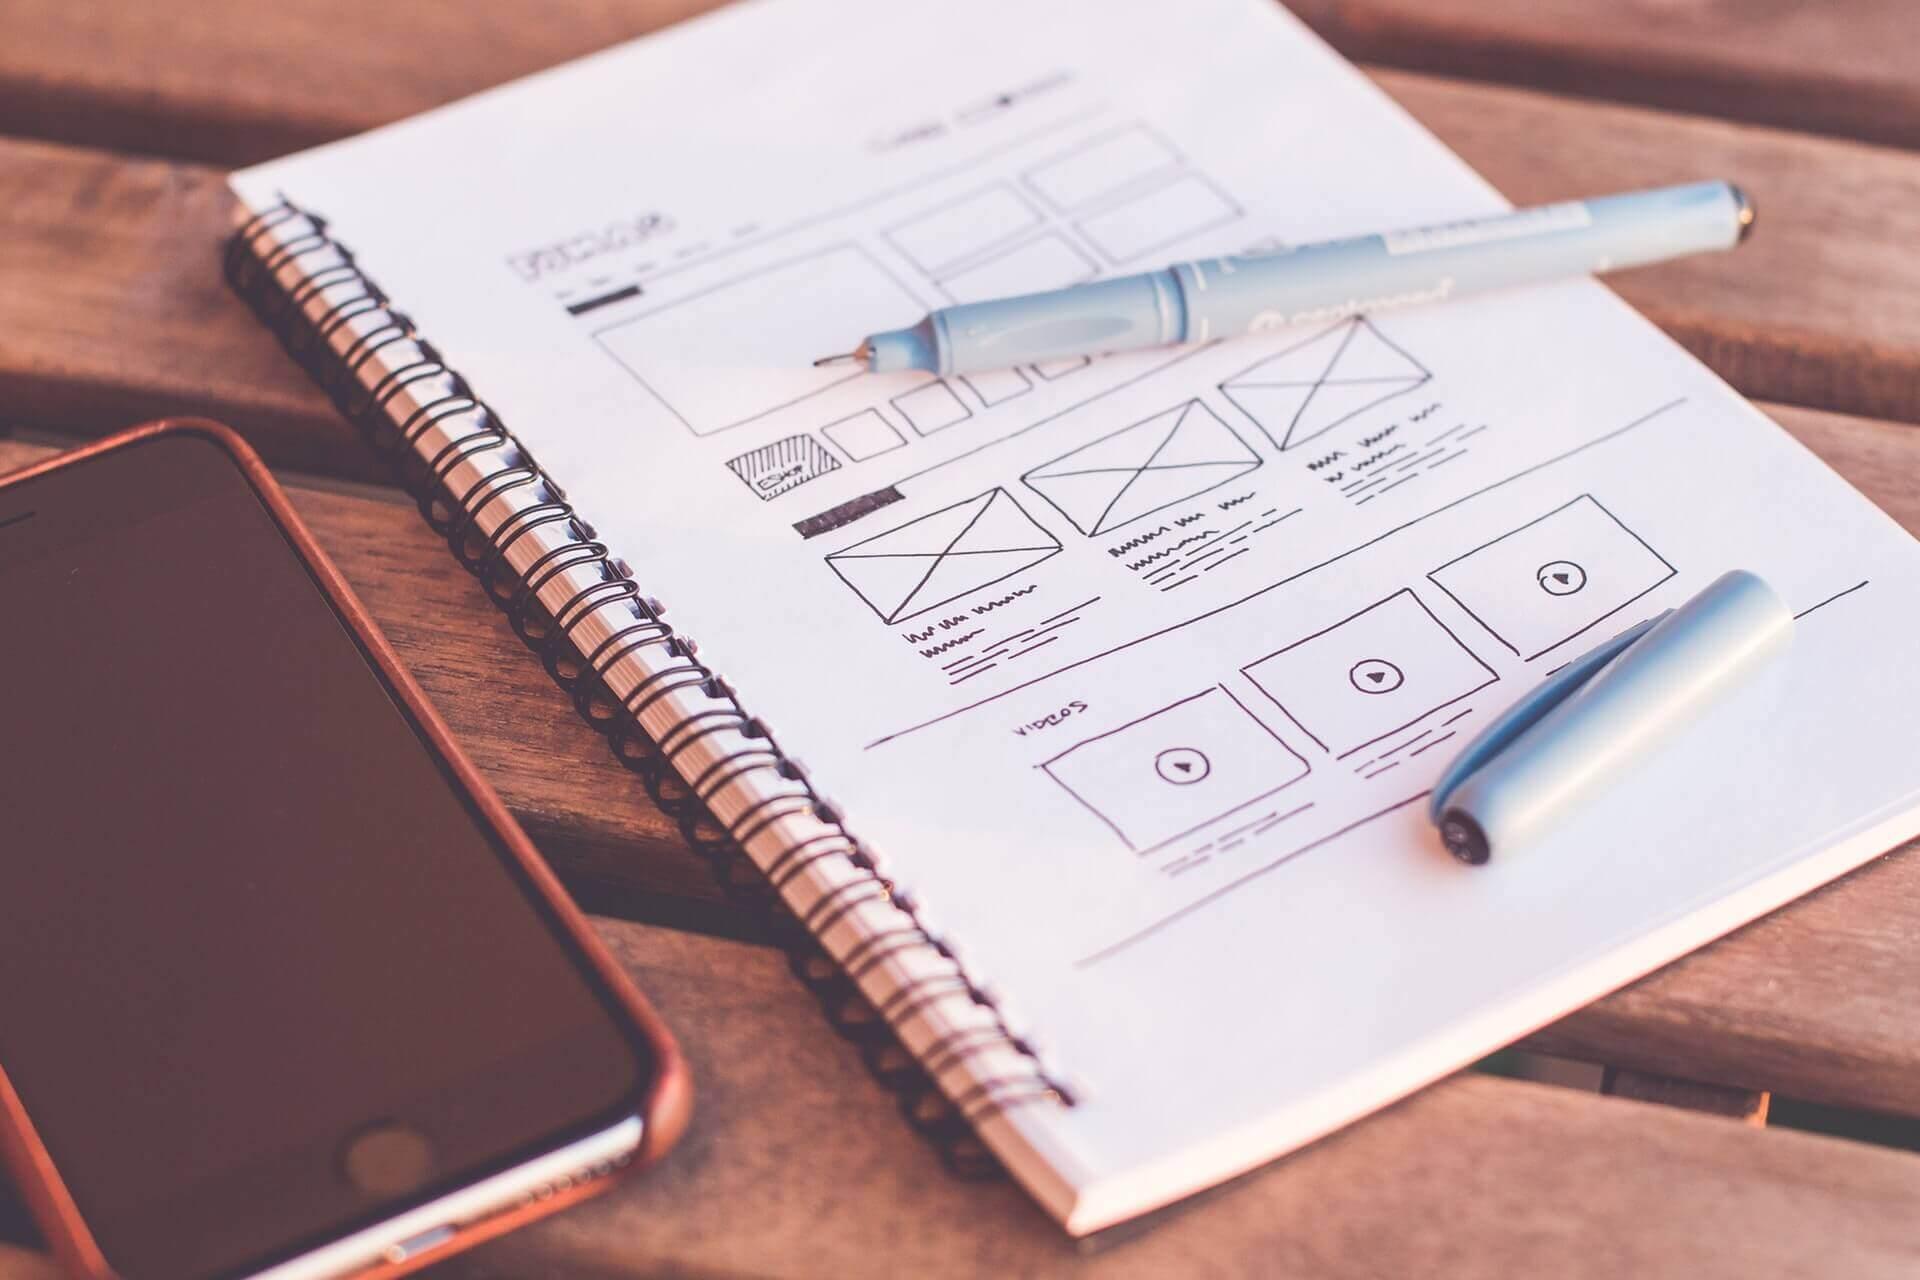 UI/UX design trends 2019